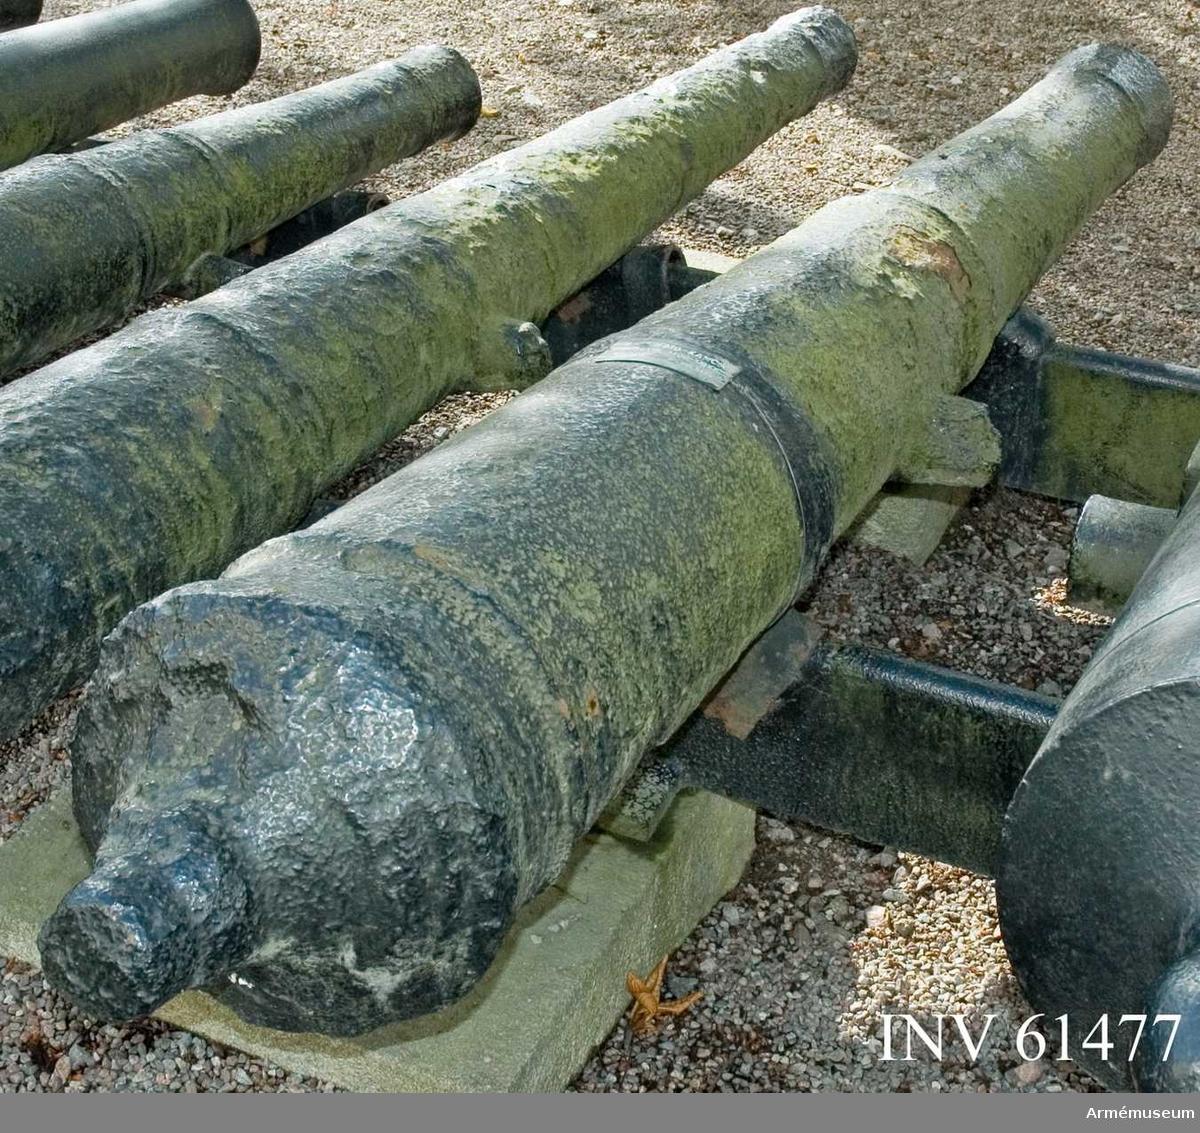 Grupp F I.  Upptogs den 23-26 juni 1876 av dykare ur Ystads hamn under pågående muddringsarbete. Kanonen befriades efter upptagandet från en mängd slam och lera, som omgav den. Däri fanns även stycken av fartygsspant, block och tåg samt kotor av människoben. Antagligen var kanonen lastad på något fartyg, som sjunkit i Ystads hamn.